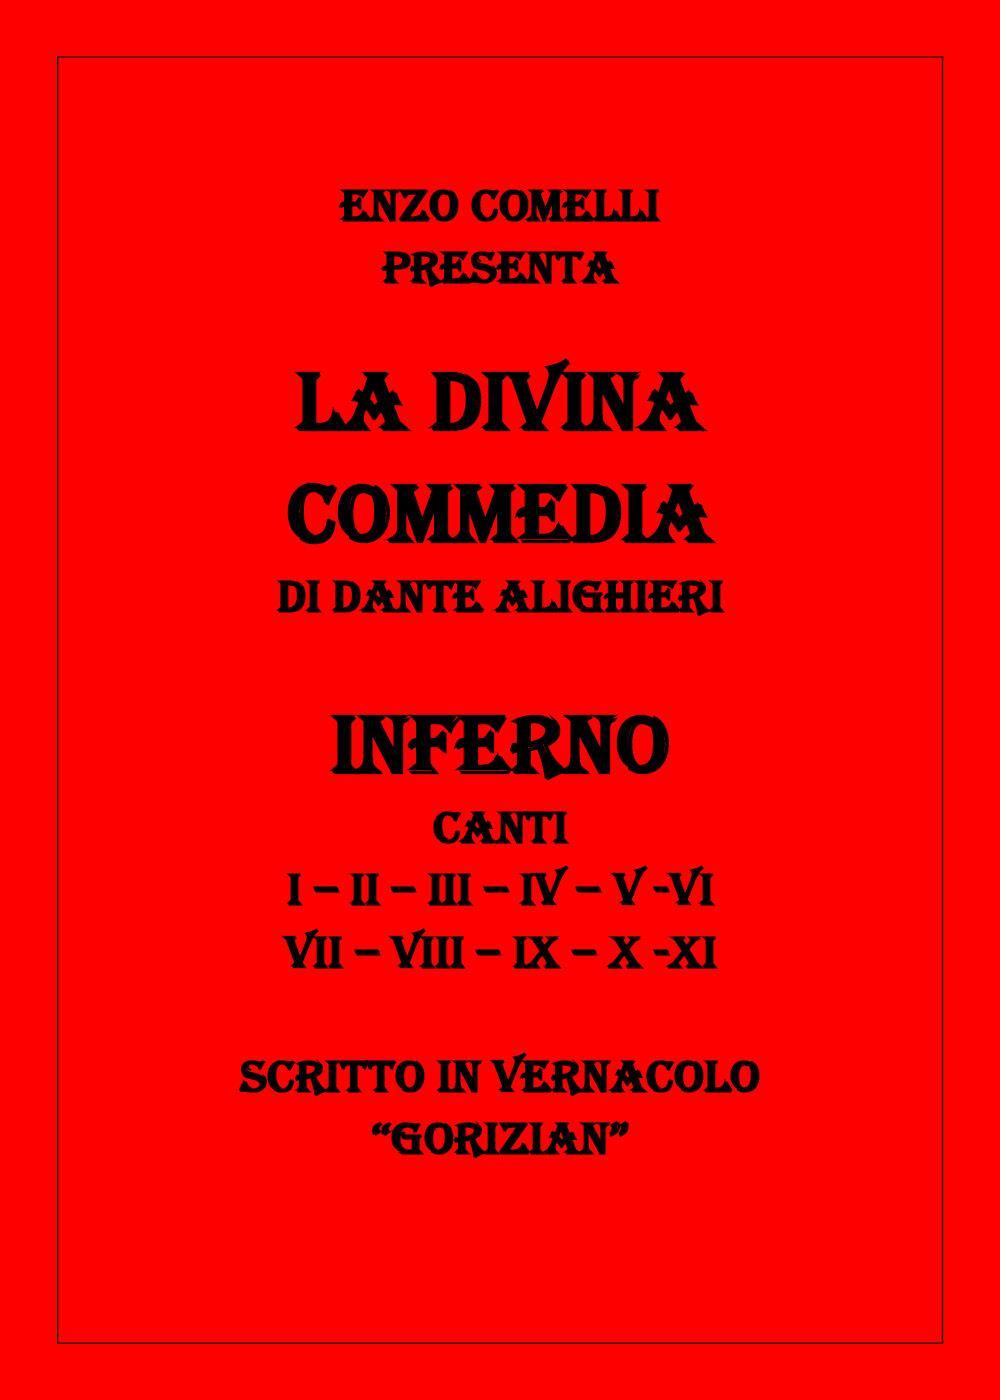 """La Divina Commedia in vernacolo """"gorizian"""""""